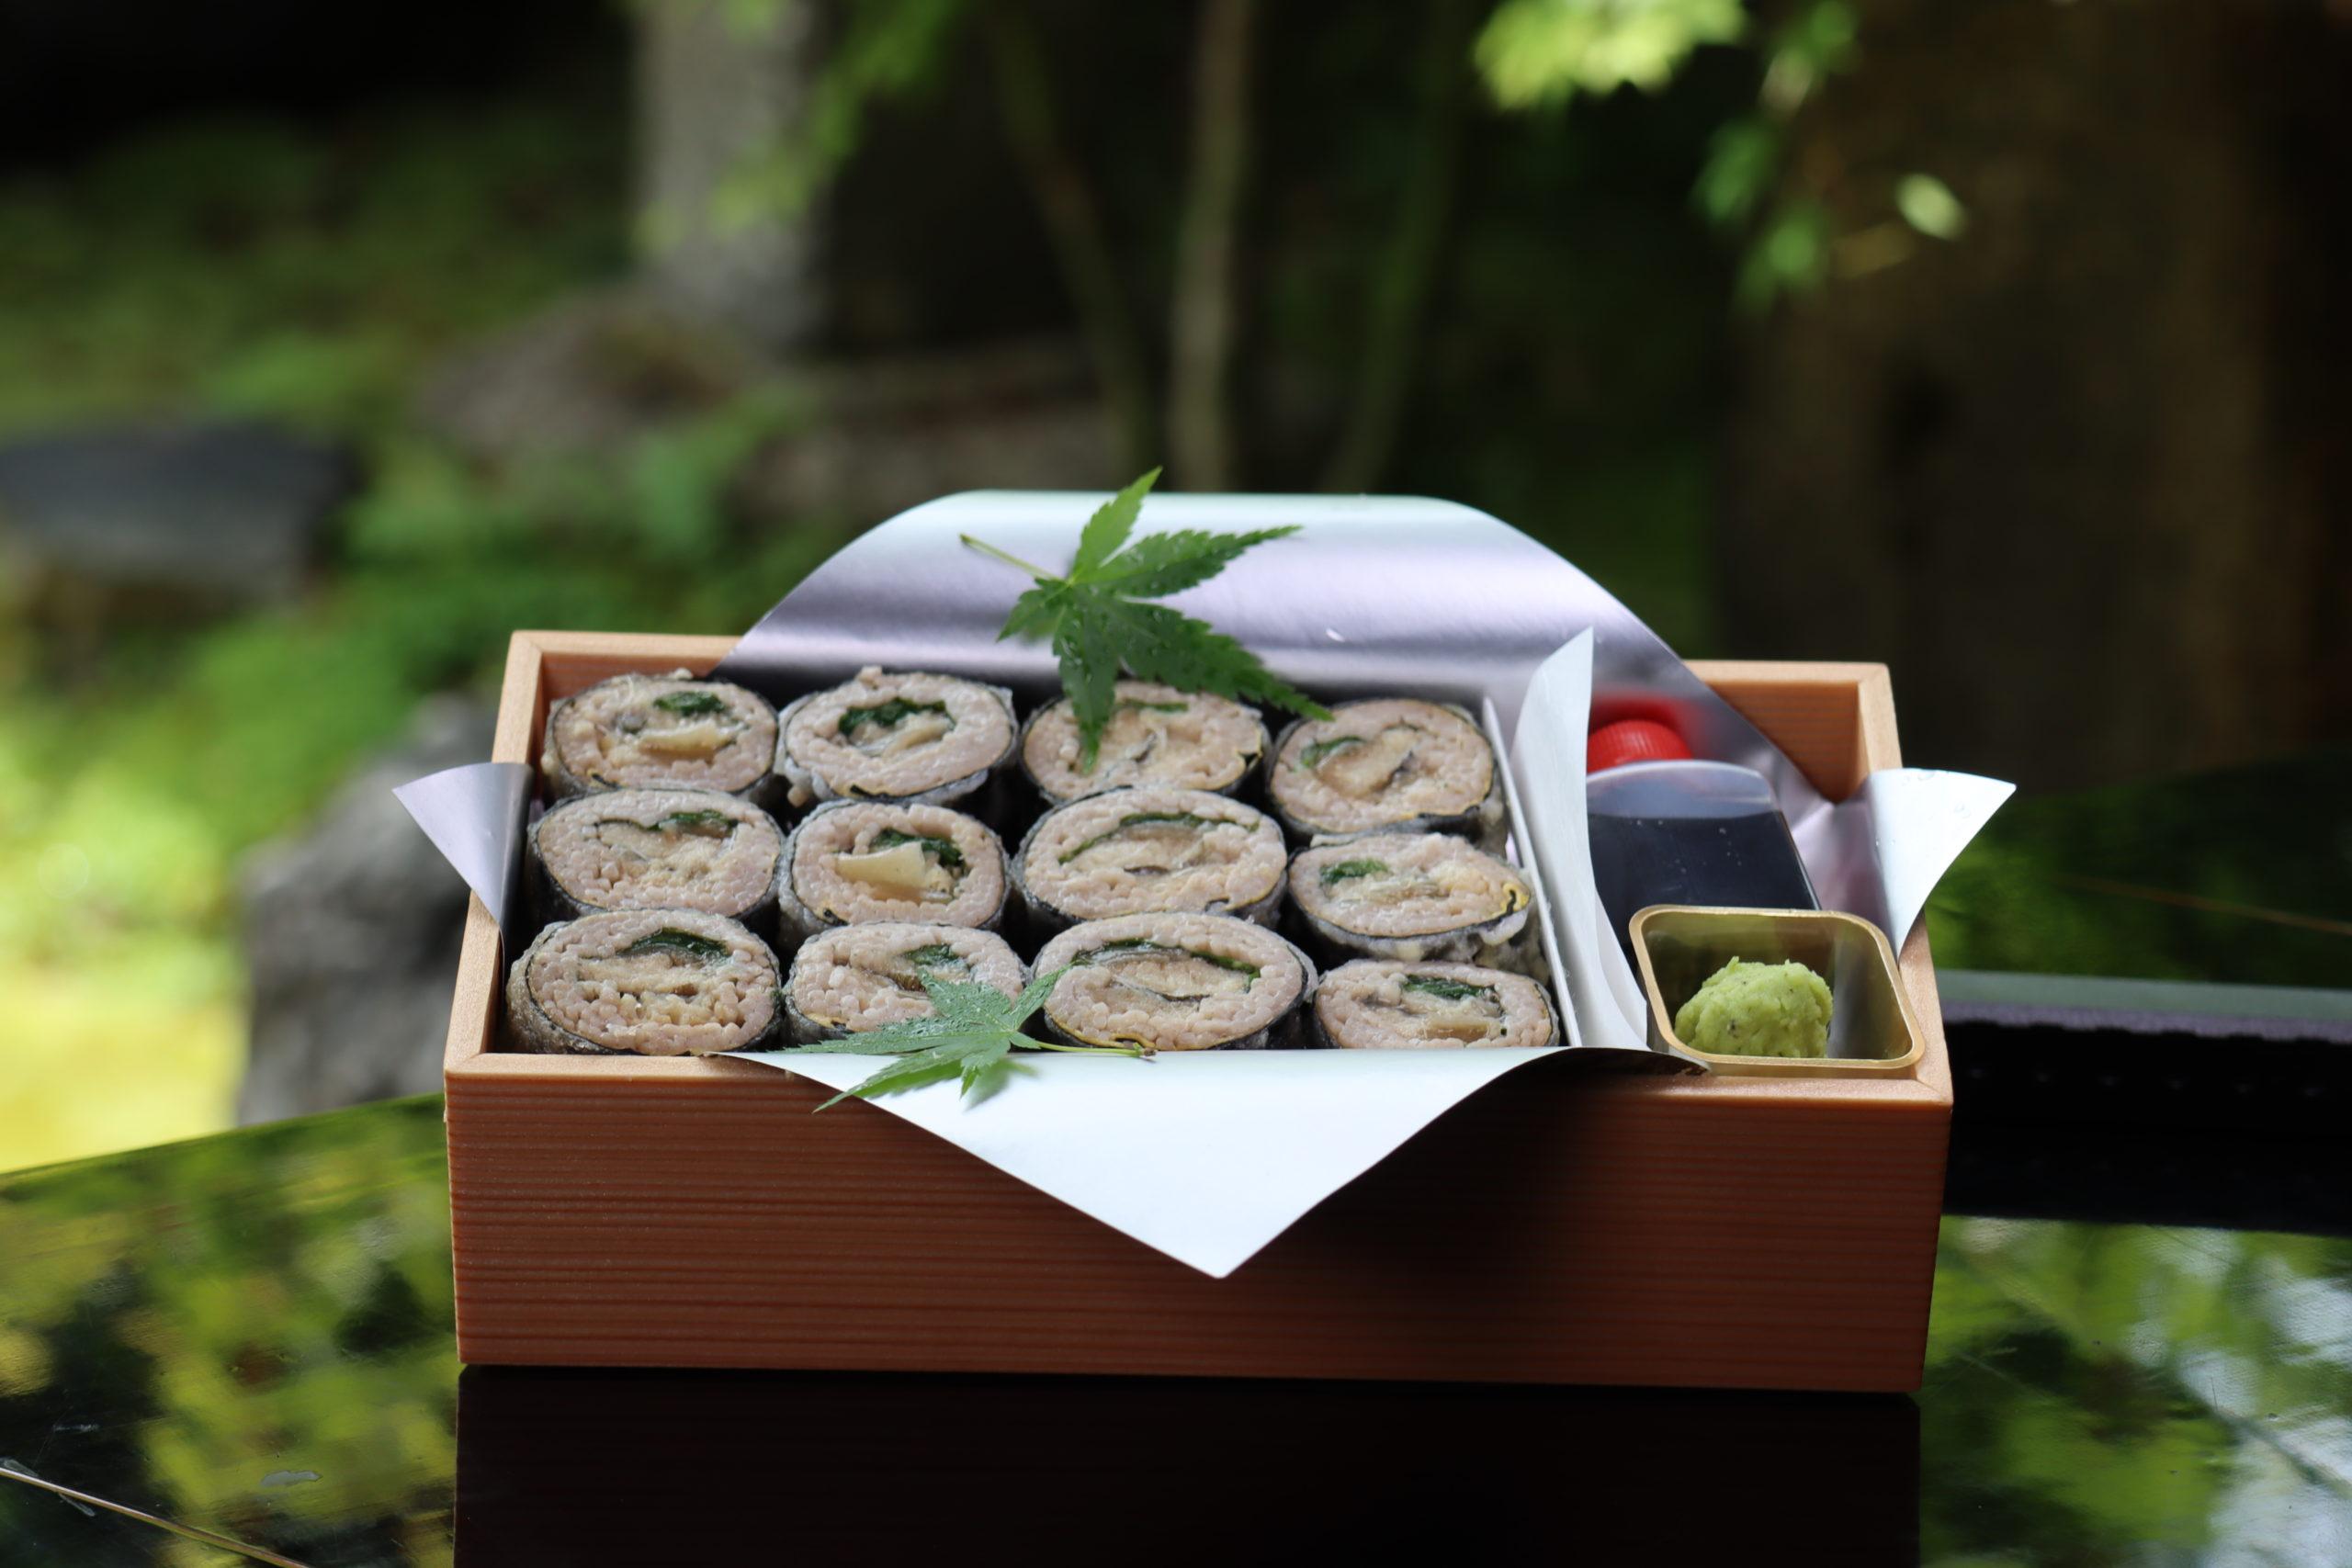 天ぷら蕎麦が初めて食べる感覚でした。 今度は是非店舗で揚げたての天ぷらを頂きたいと思います。